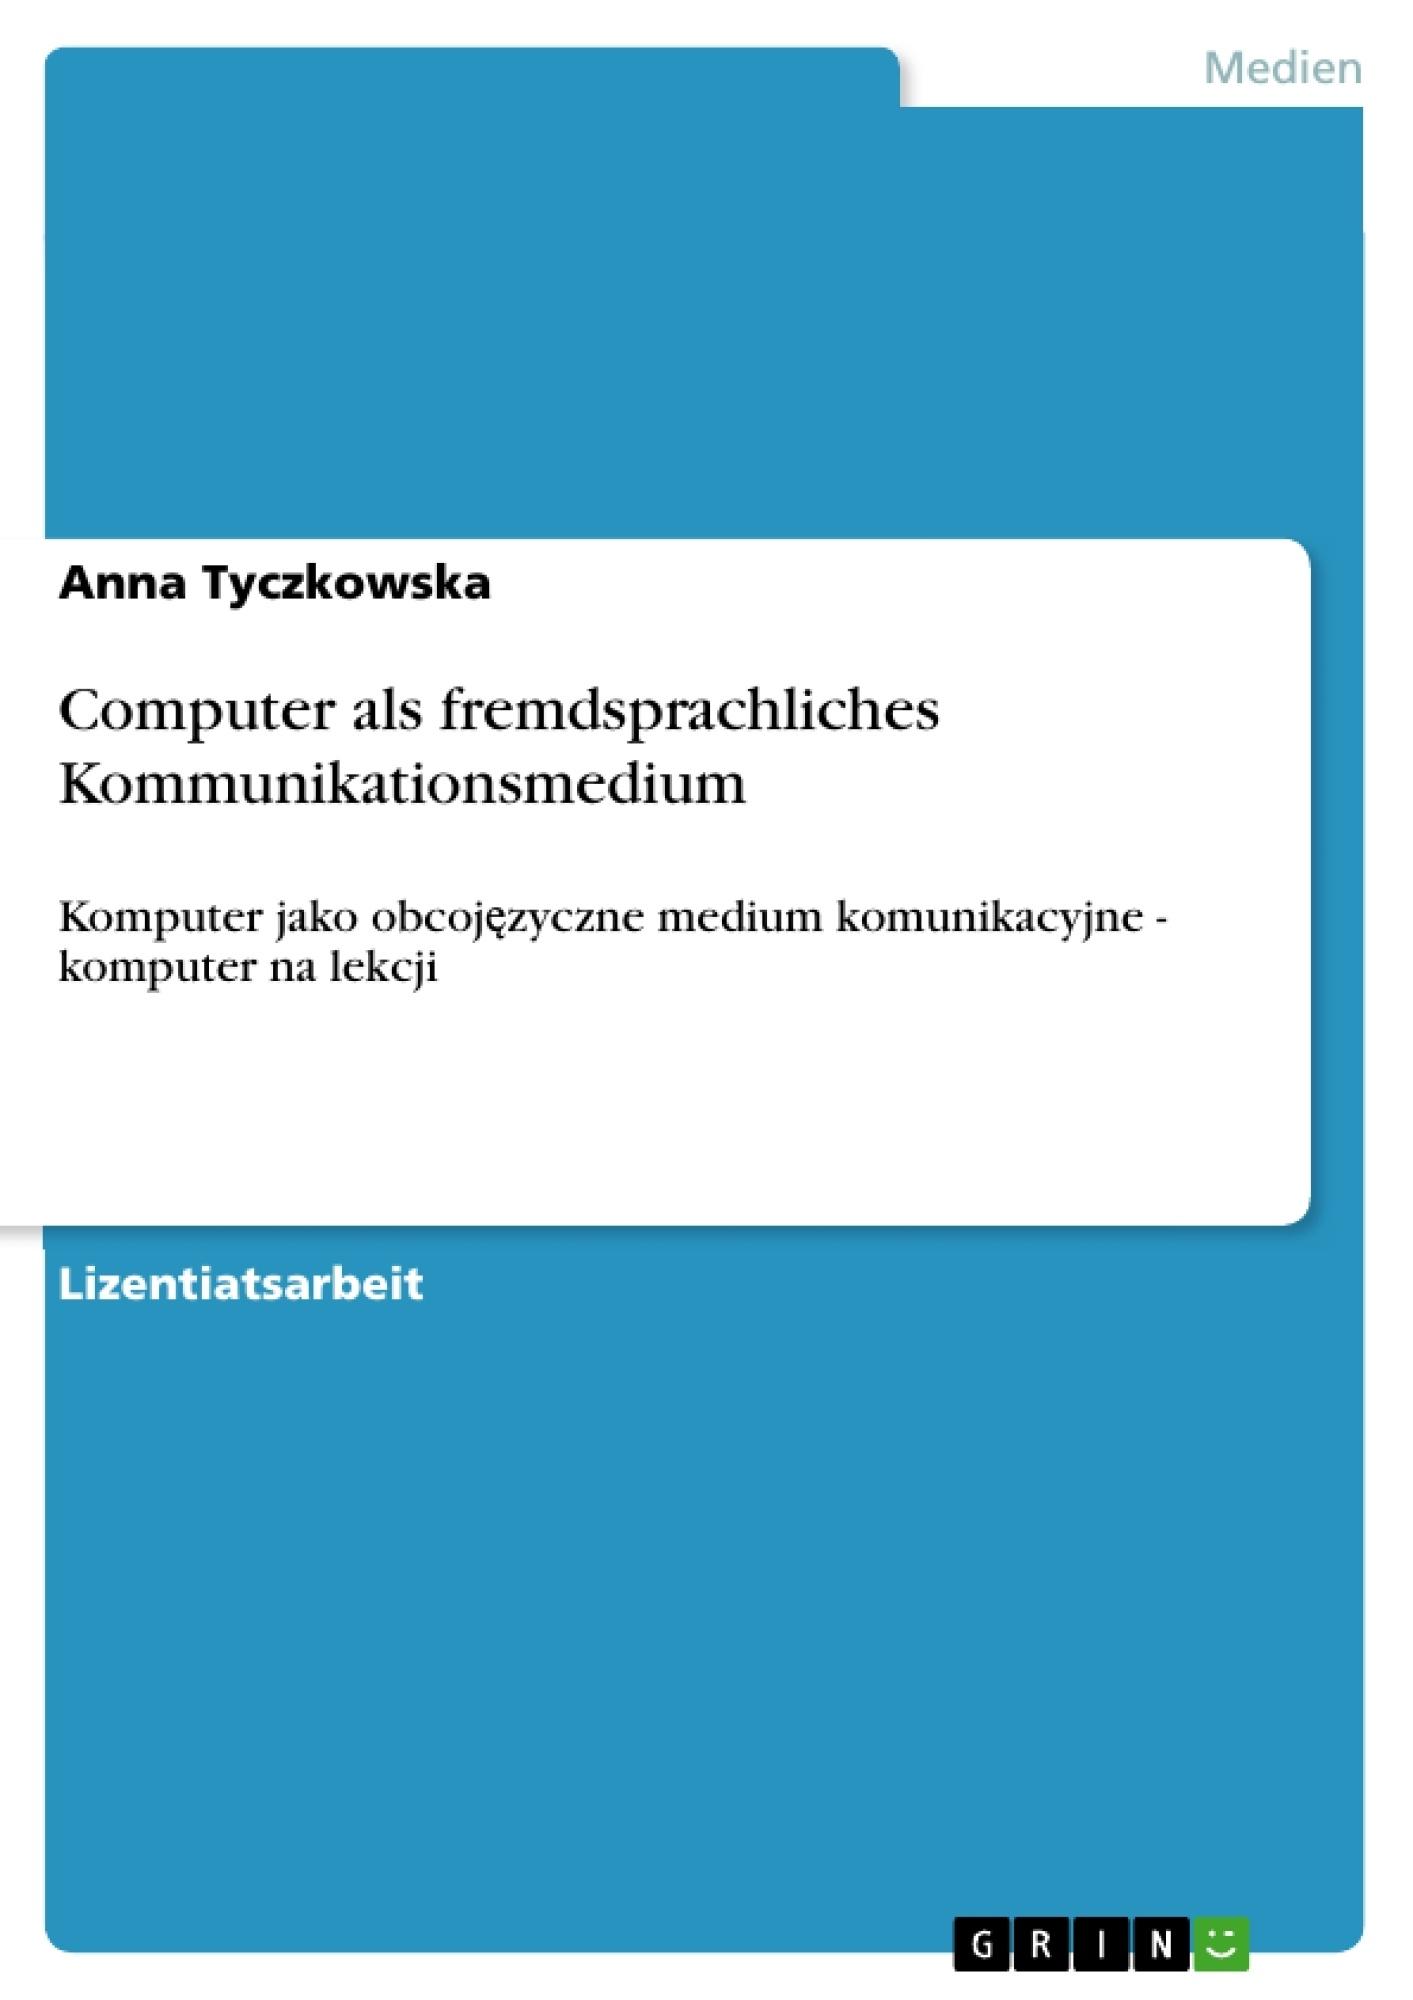 Titel: Computer als fremdsprachliches Kommunikationsmedium